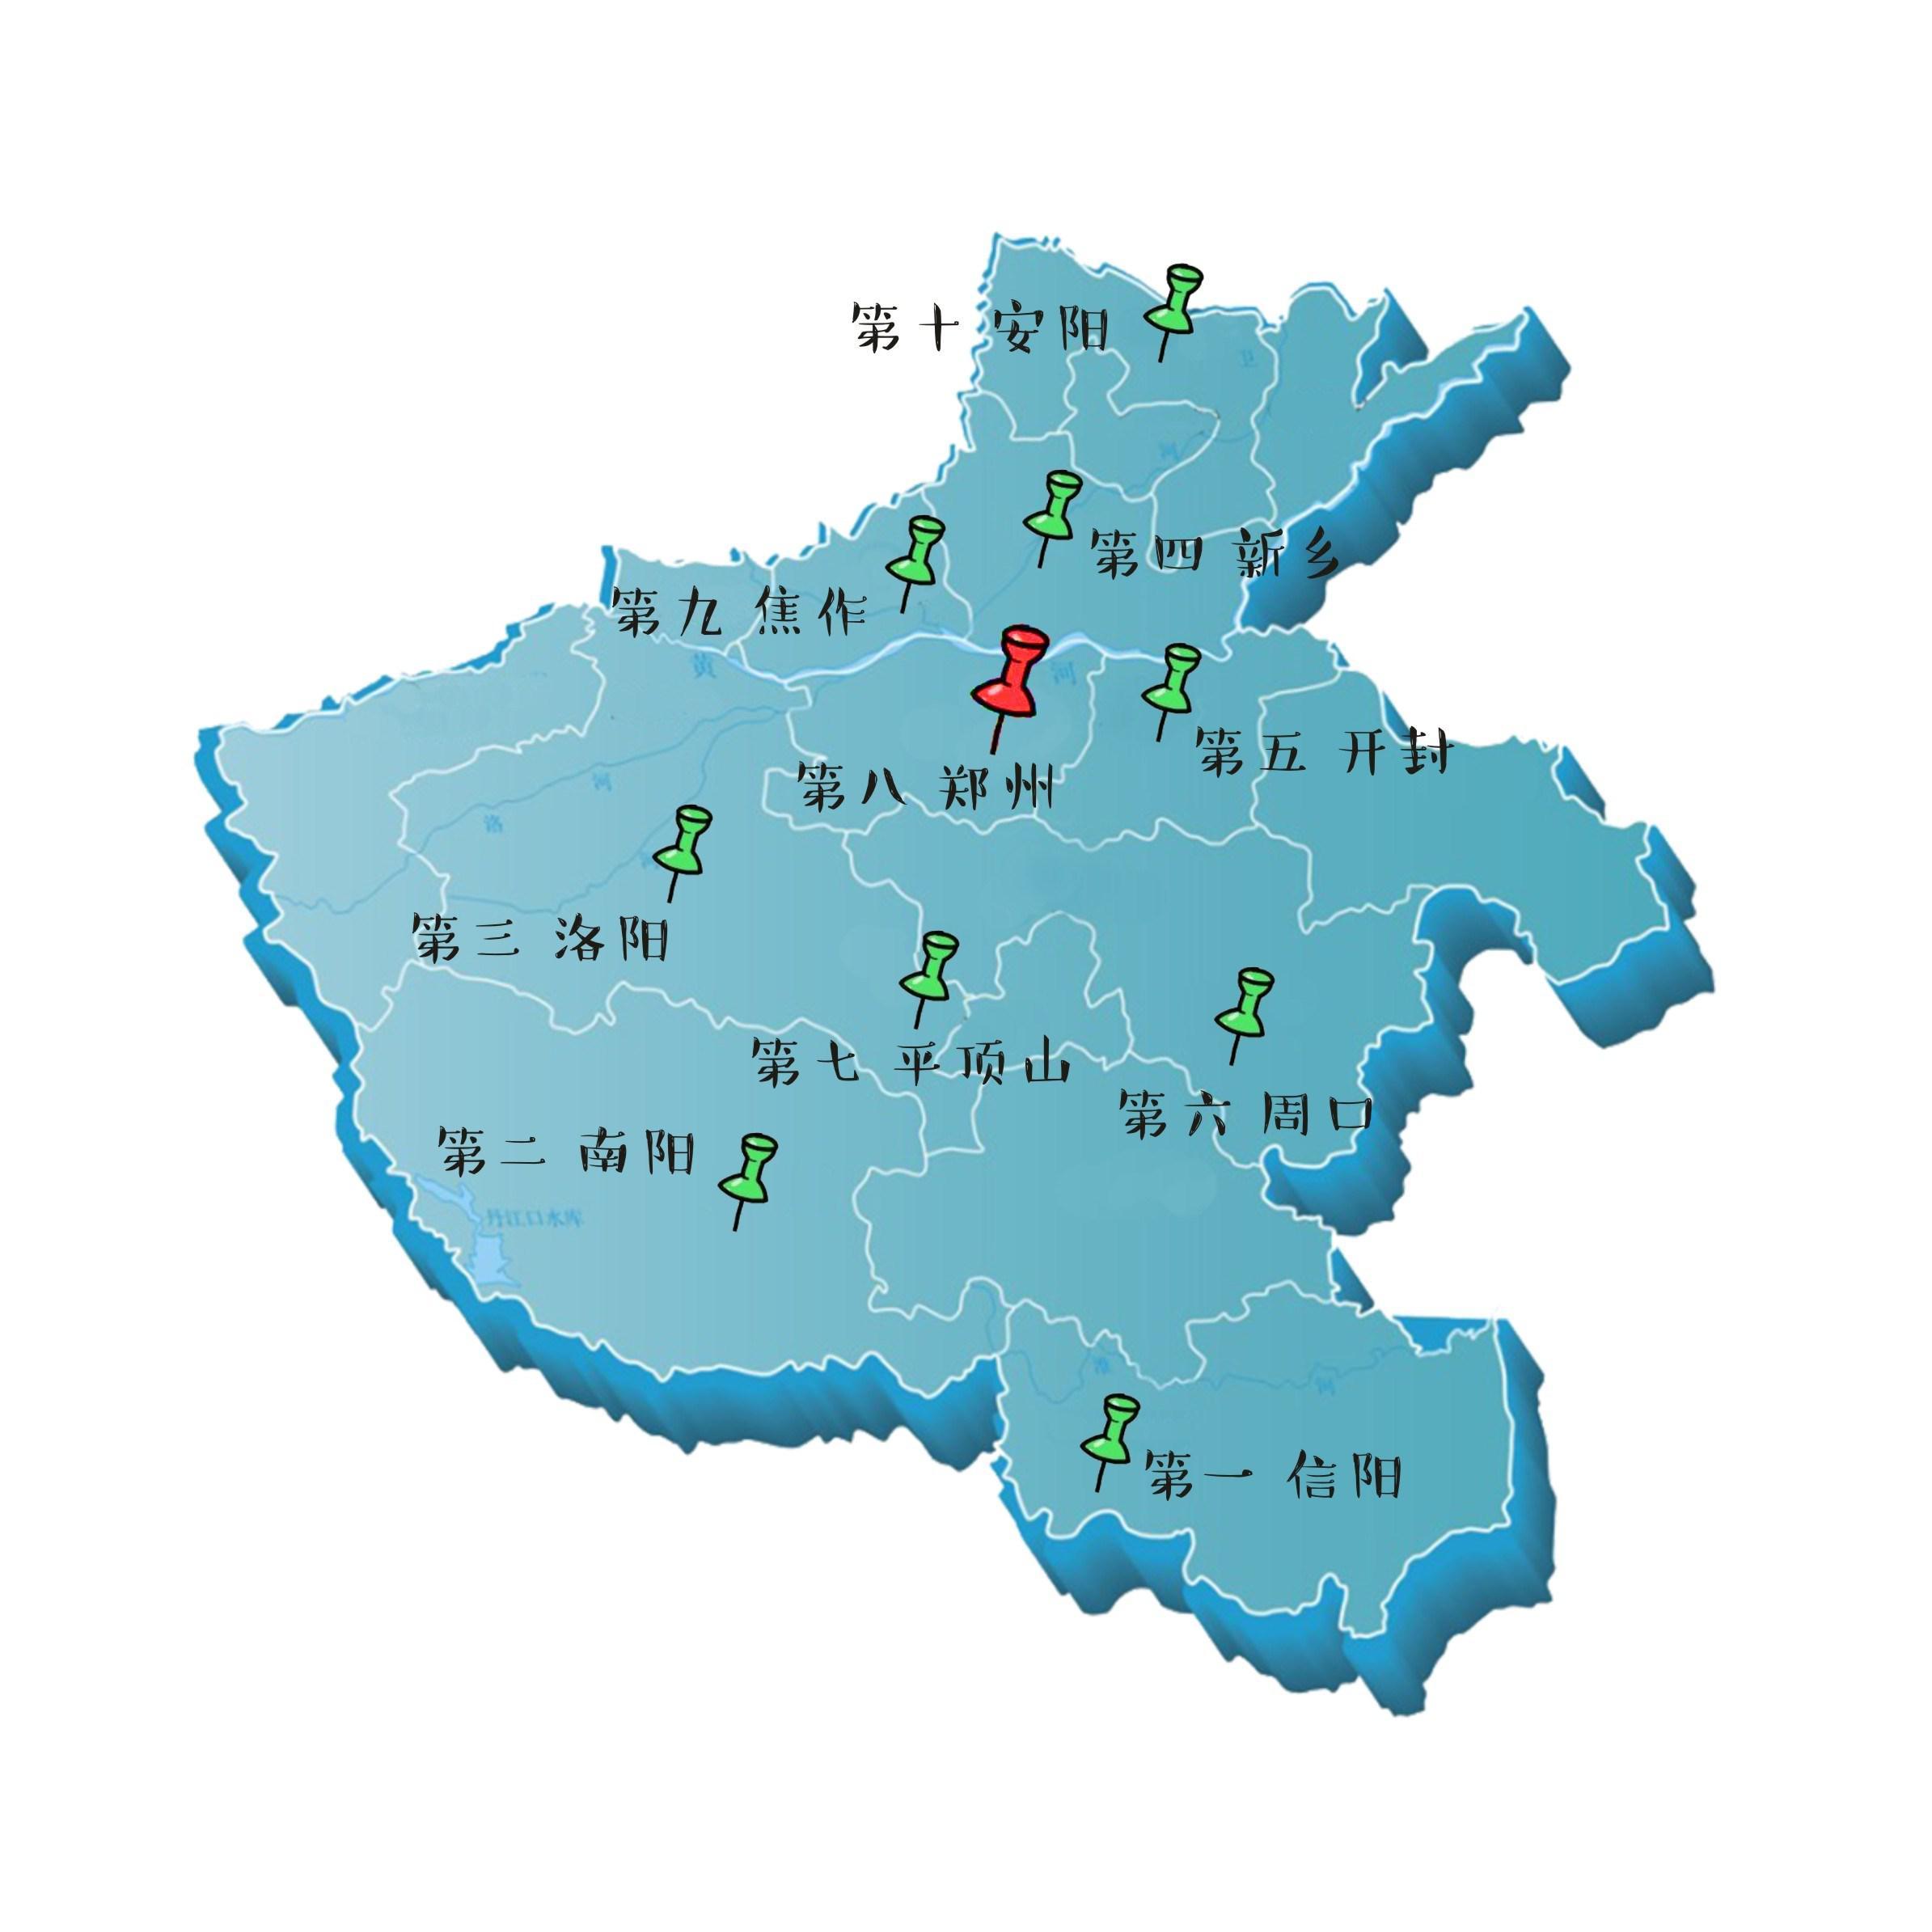 河南地图高清版大图片